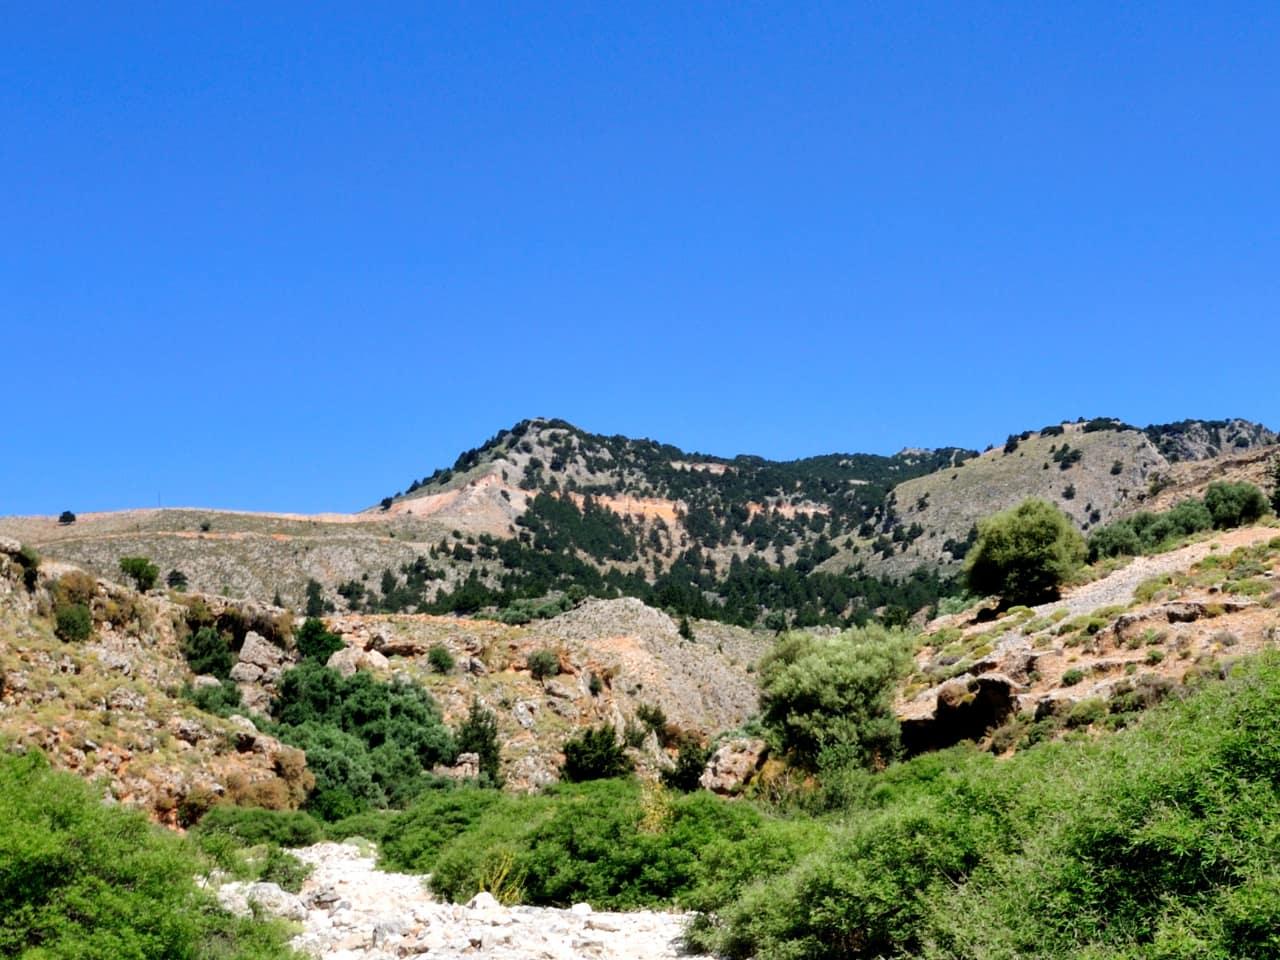 imbros gorge chania crete, imbros gorge sfakia crete, imbros gorge hiking crete, activities chania crete